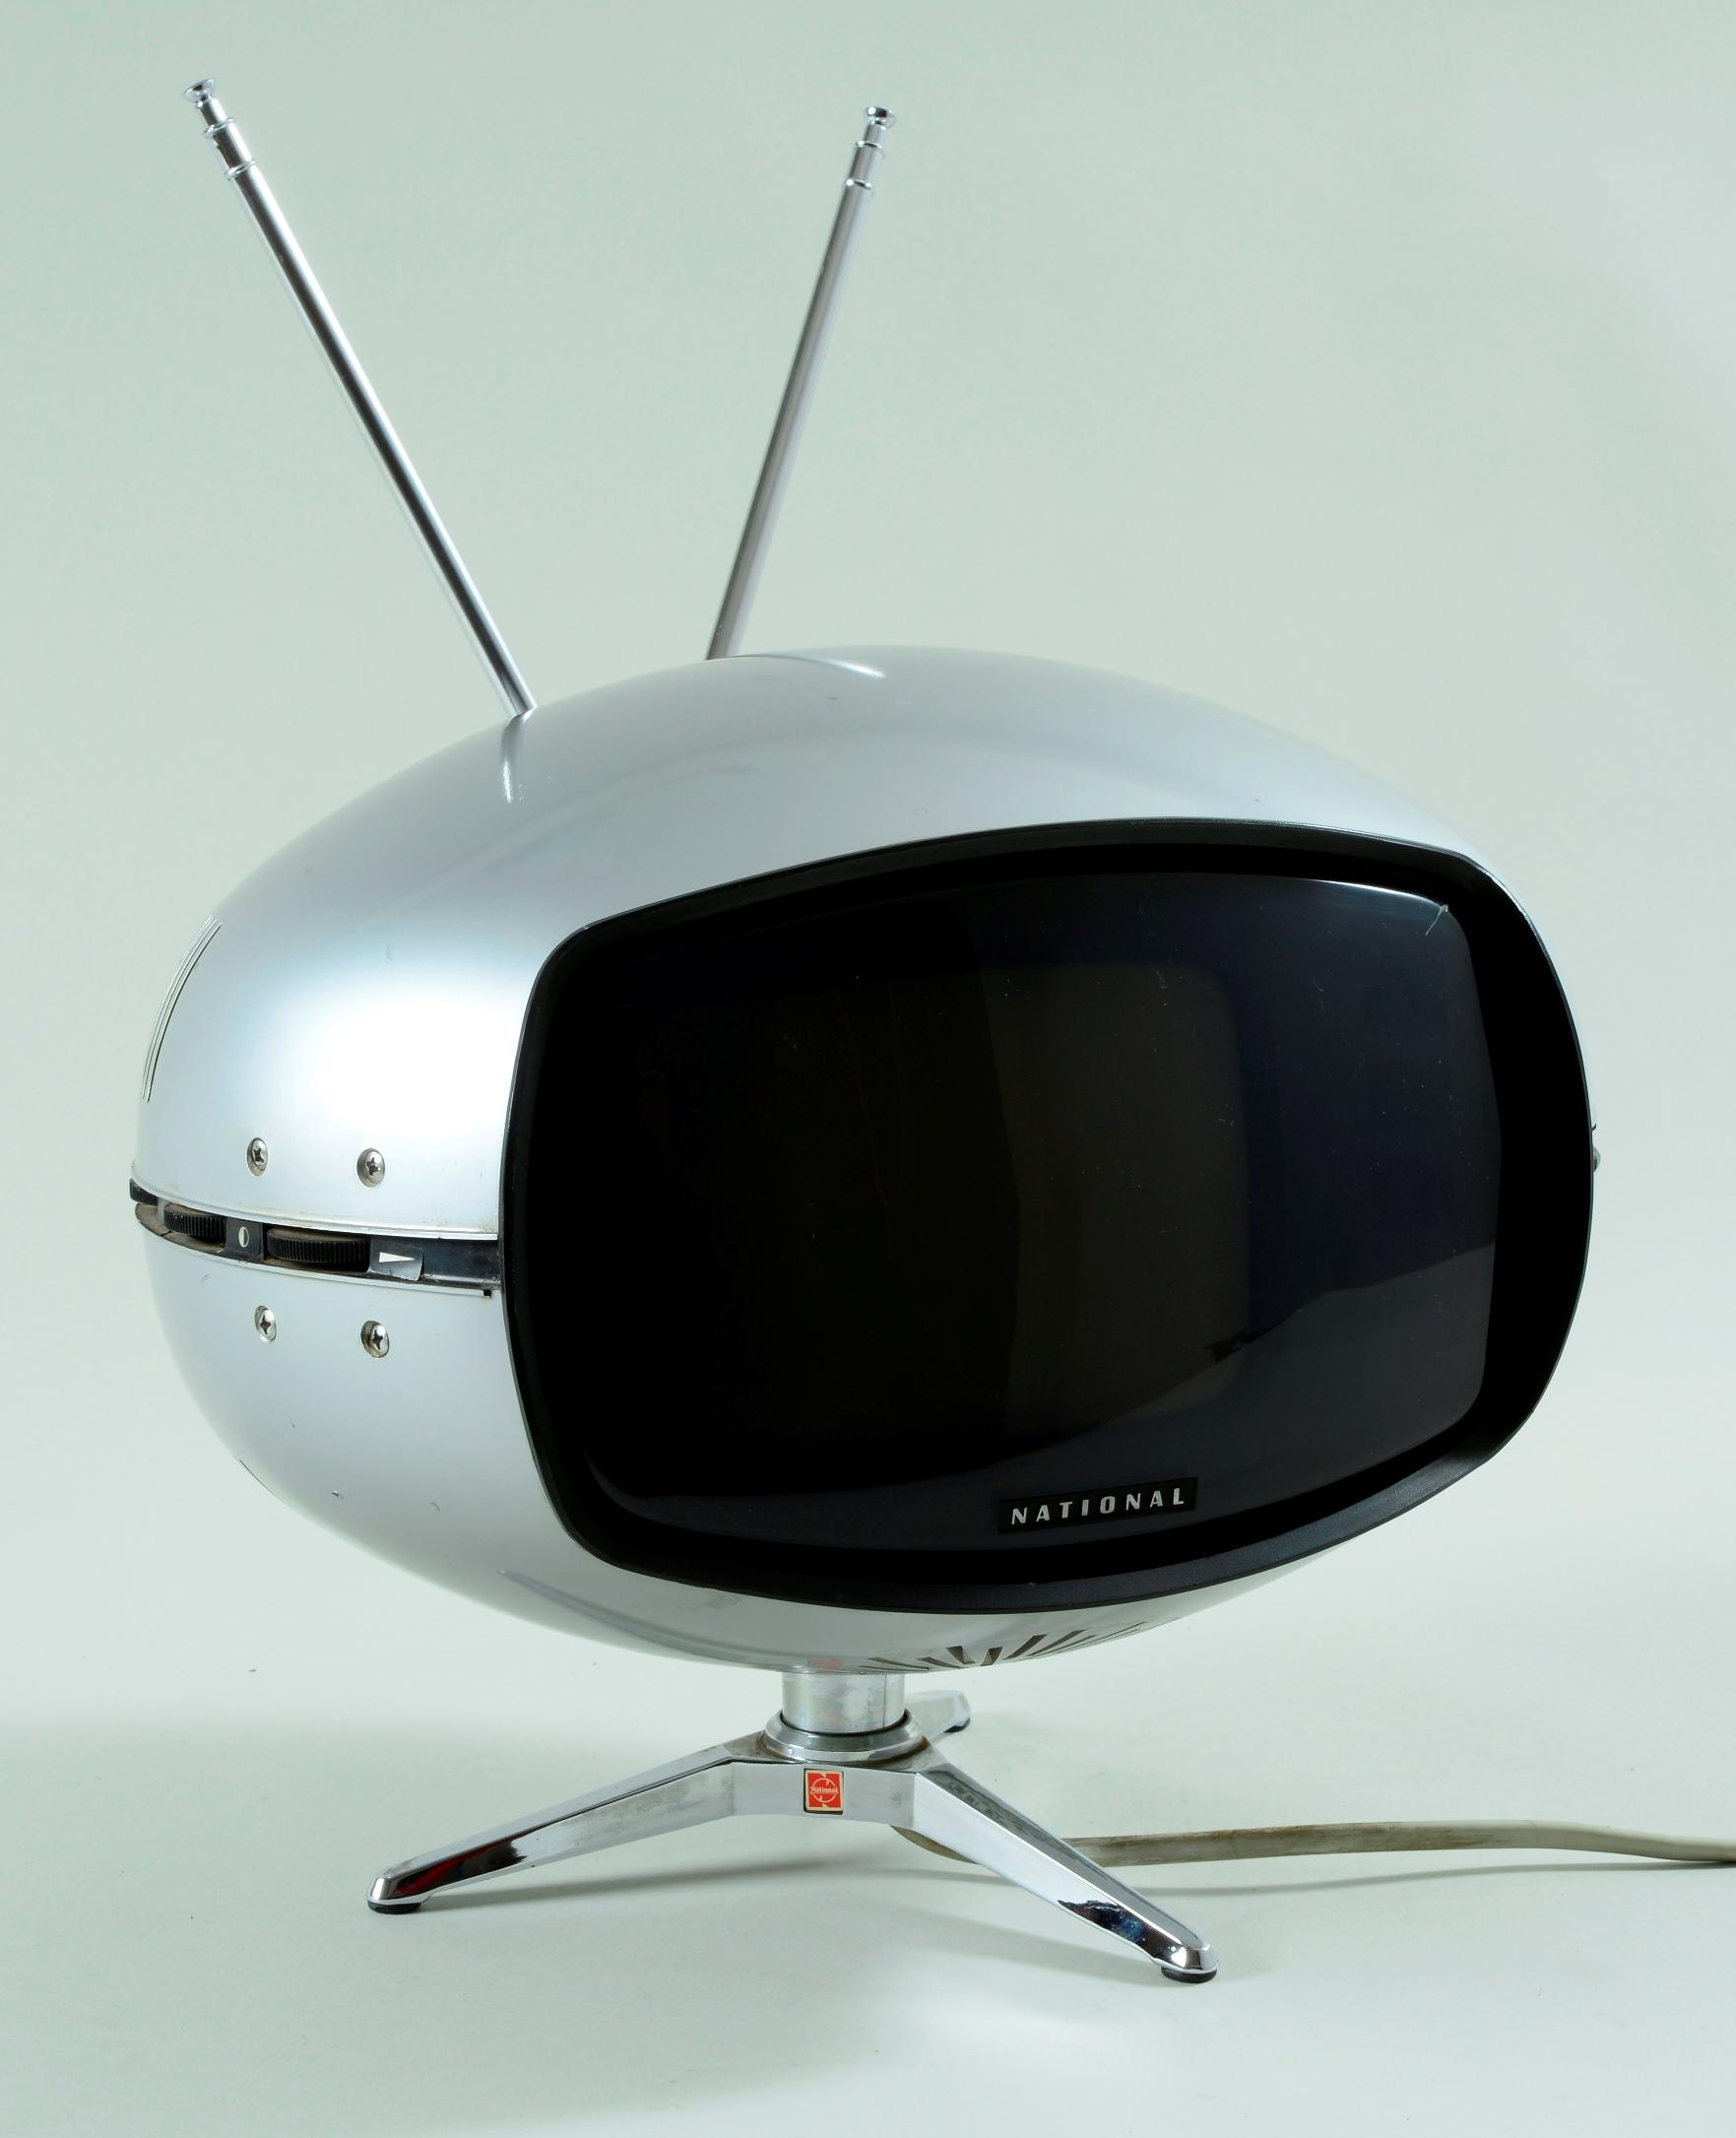 Der Weltraum-Look war in der 70ern der letzte Schrei (Bild: Landesmusem Oldenburg, Sven Adelaide)